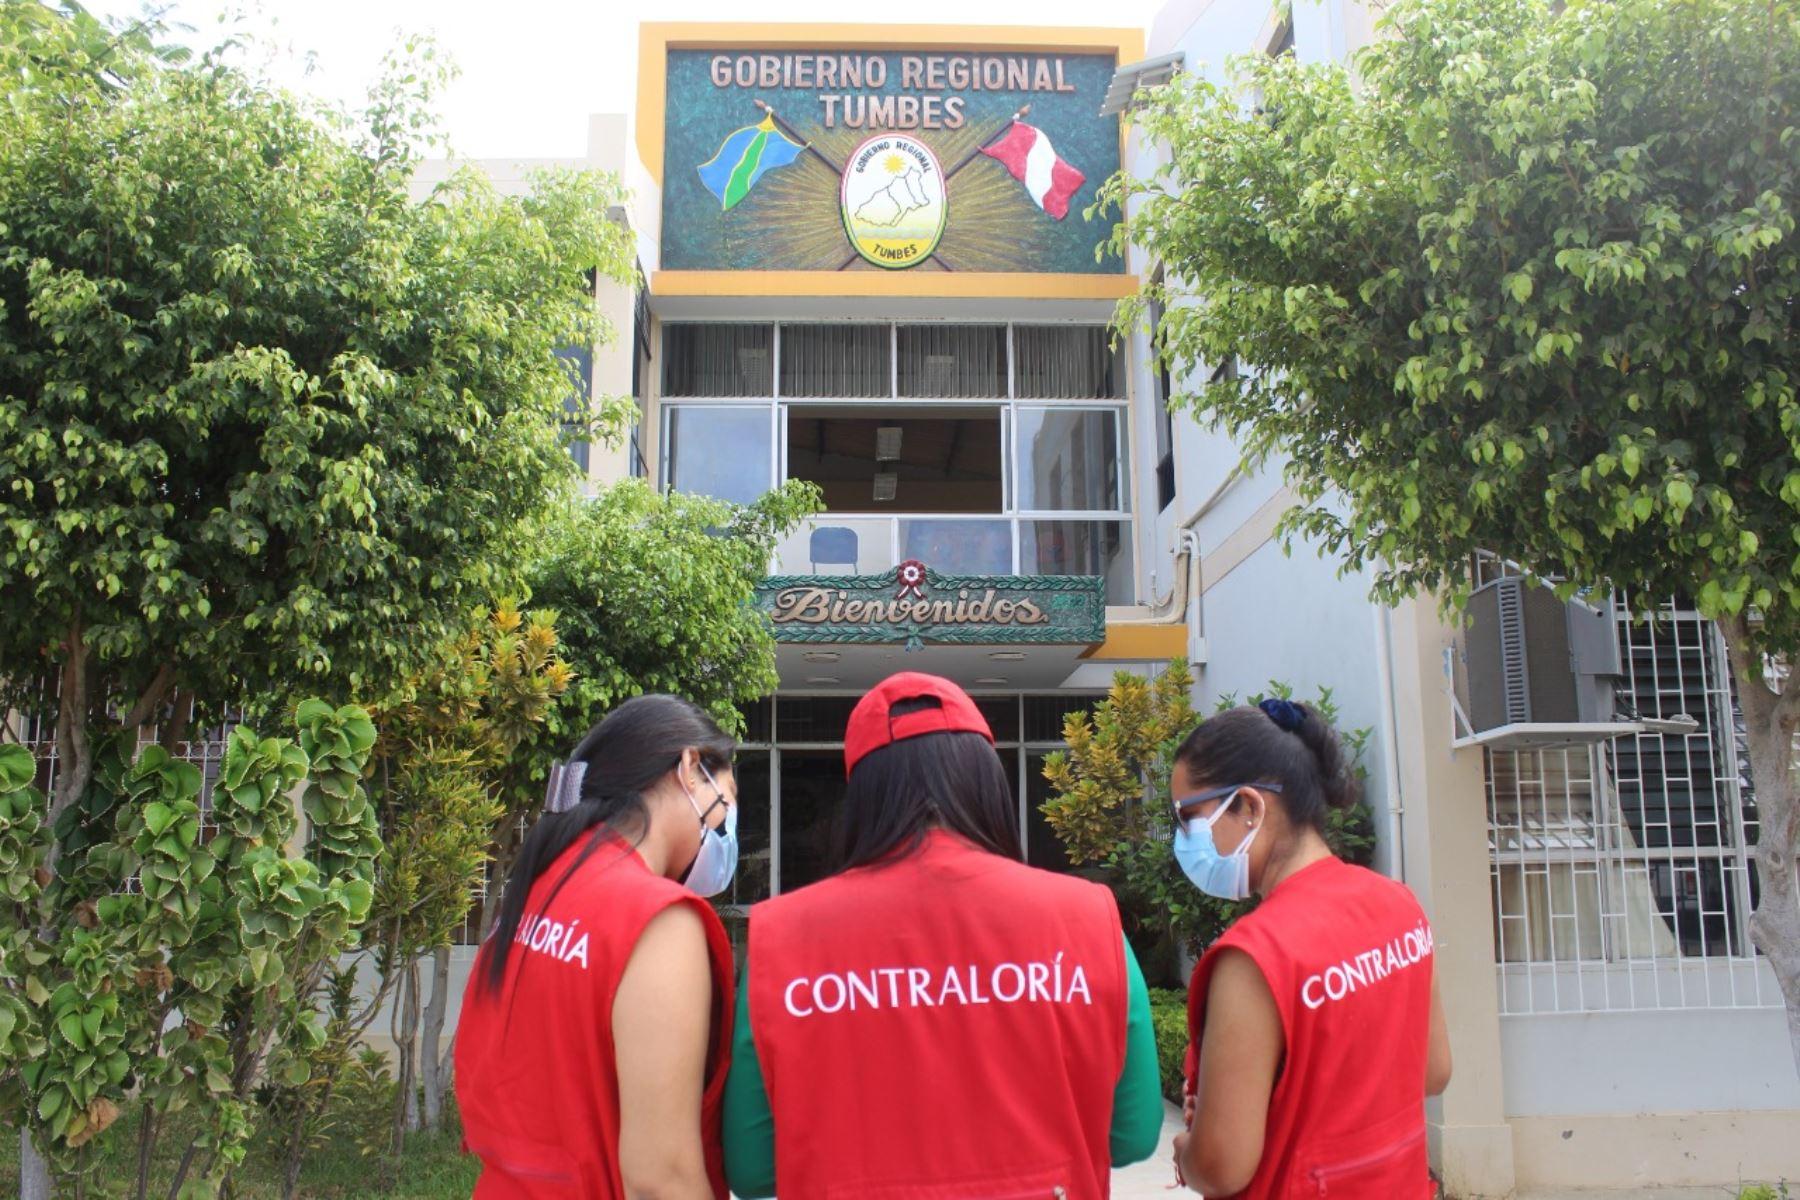 Tumbes: Contraloría detecta transferencias financieras irregulares en Gobierno Regional